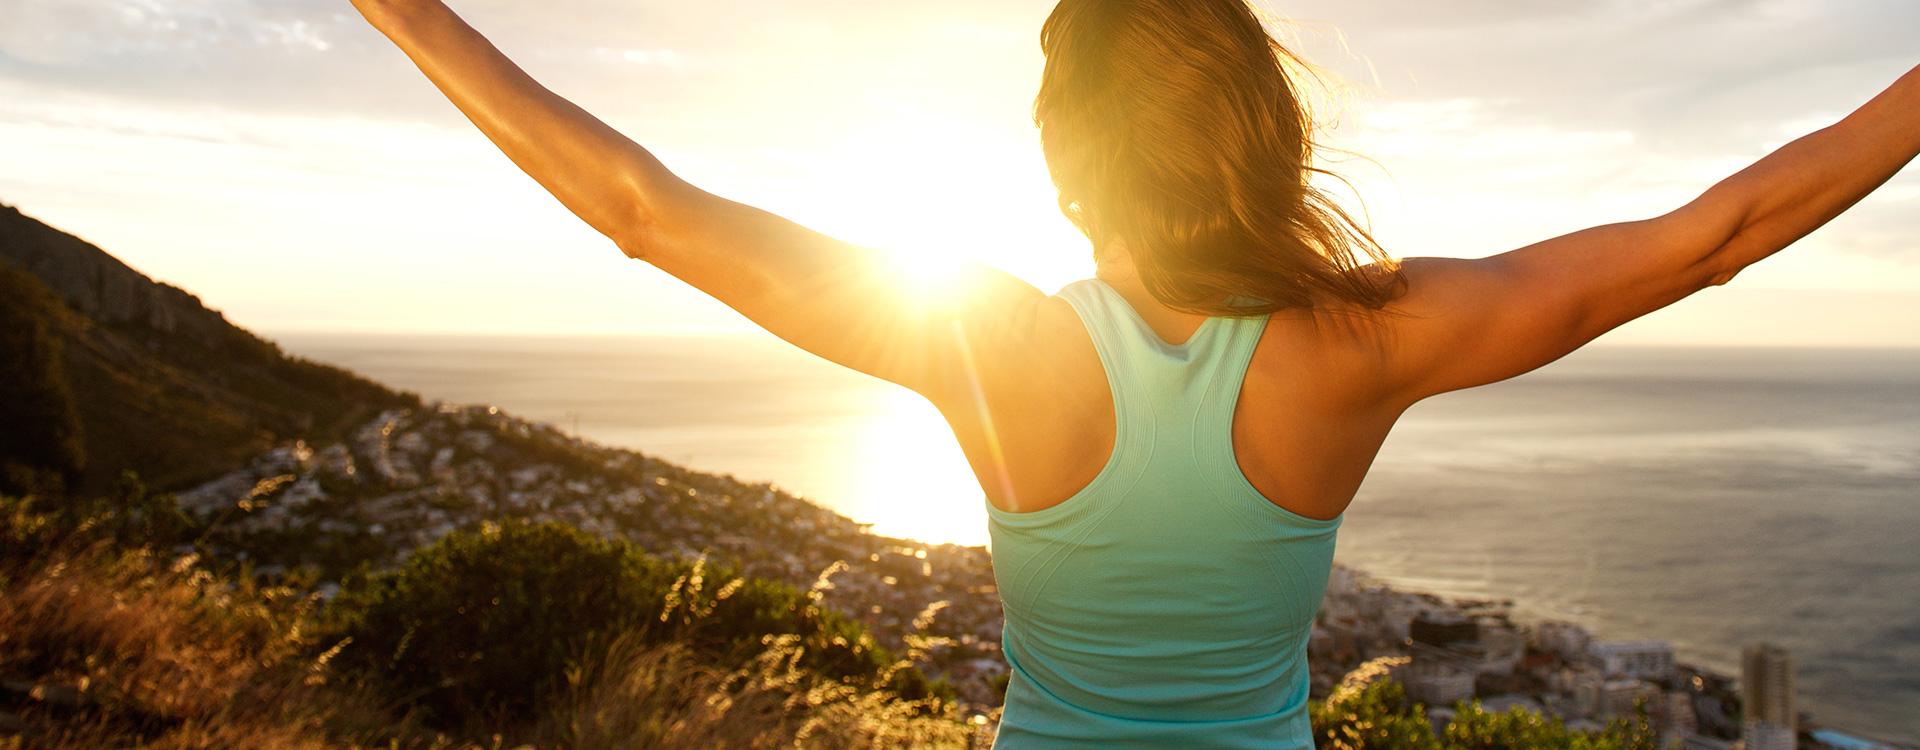 Weibliche Person steckt ihre Arme in dem Sonnenaufgang entgegen | Tiger Balm